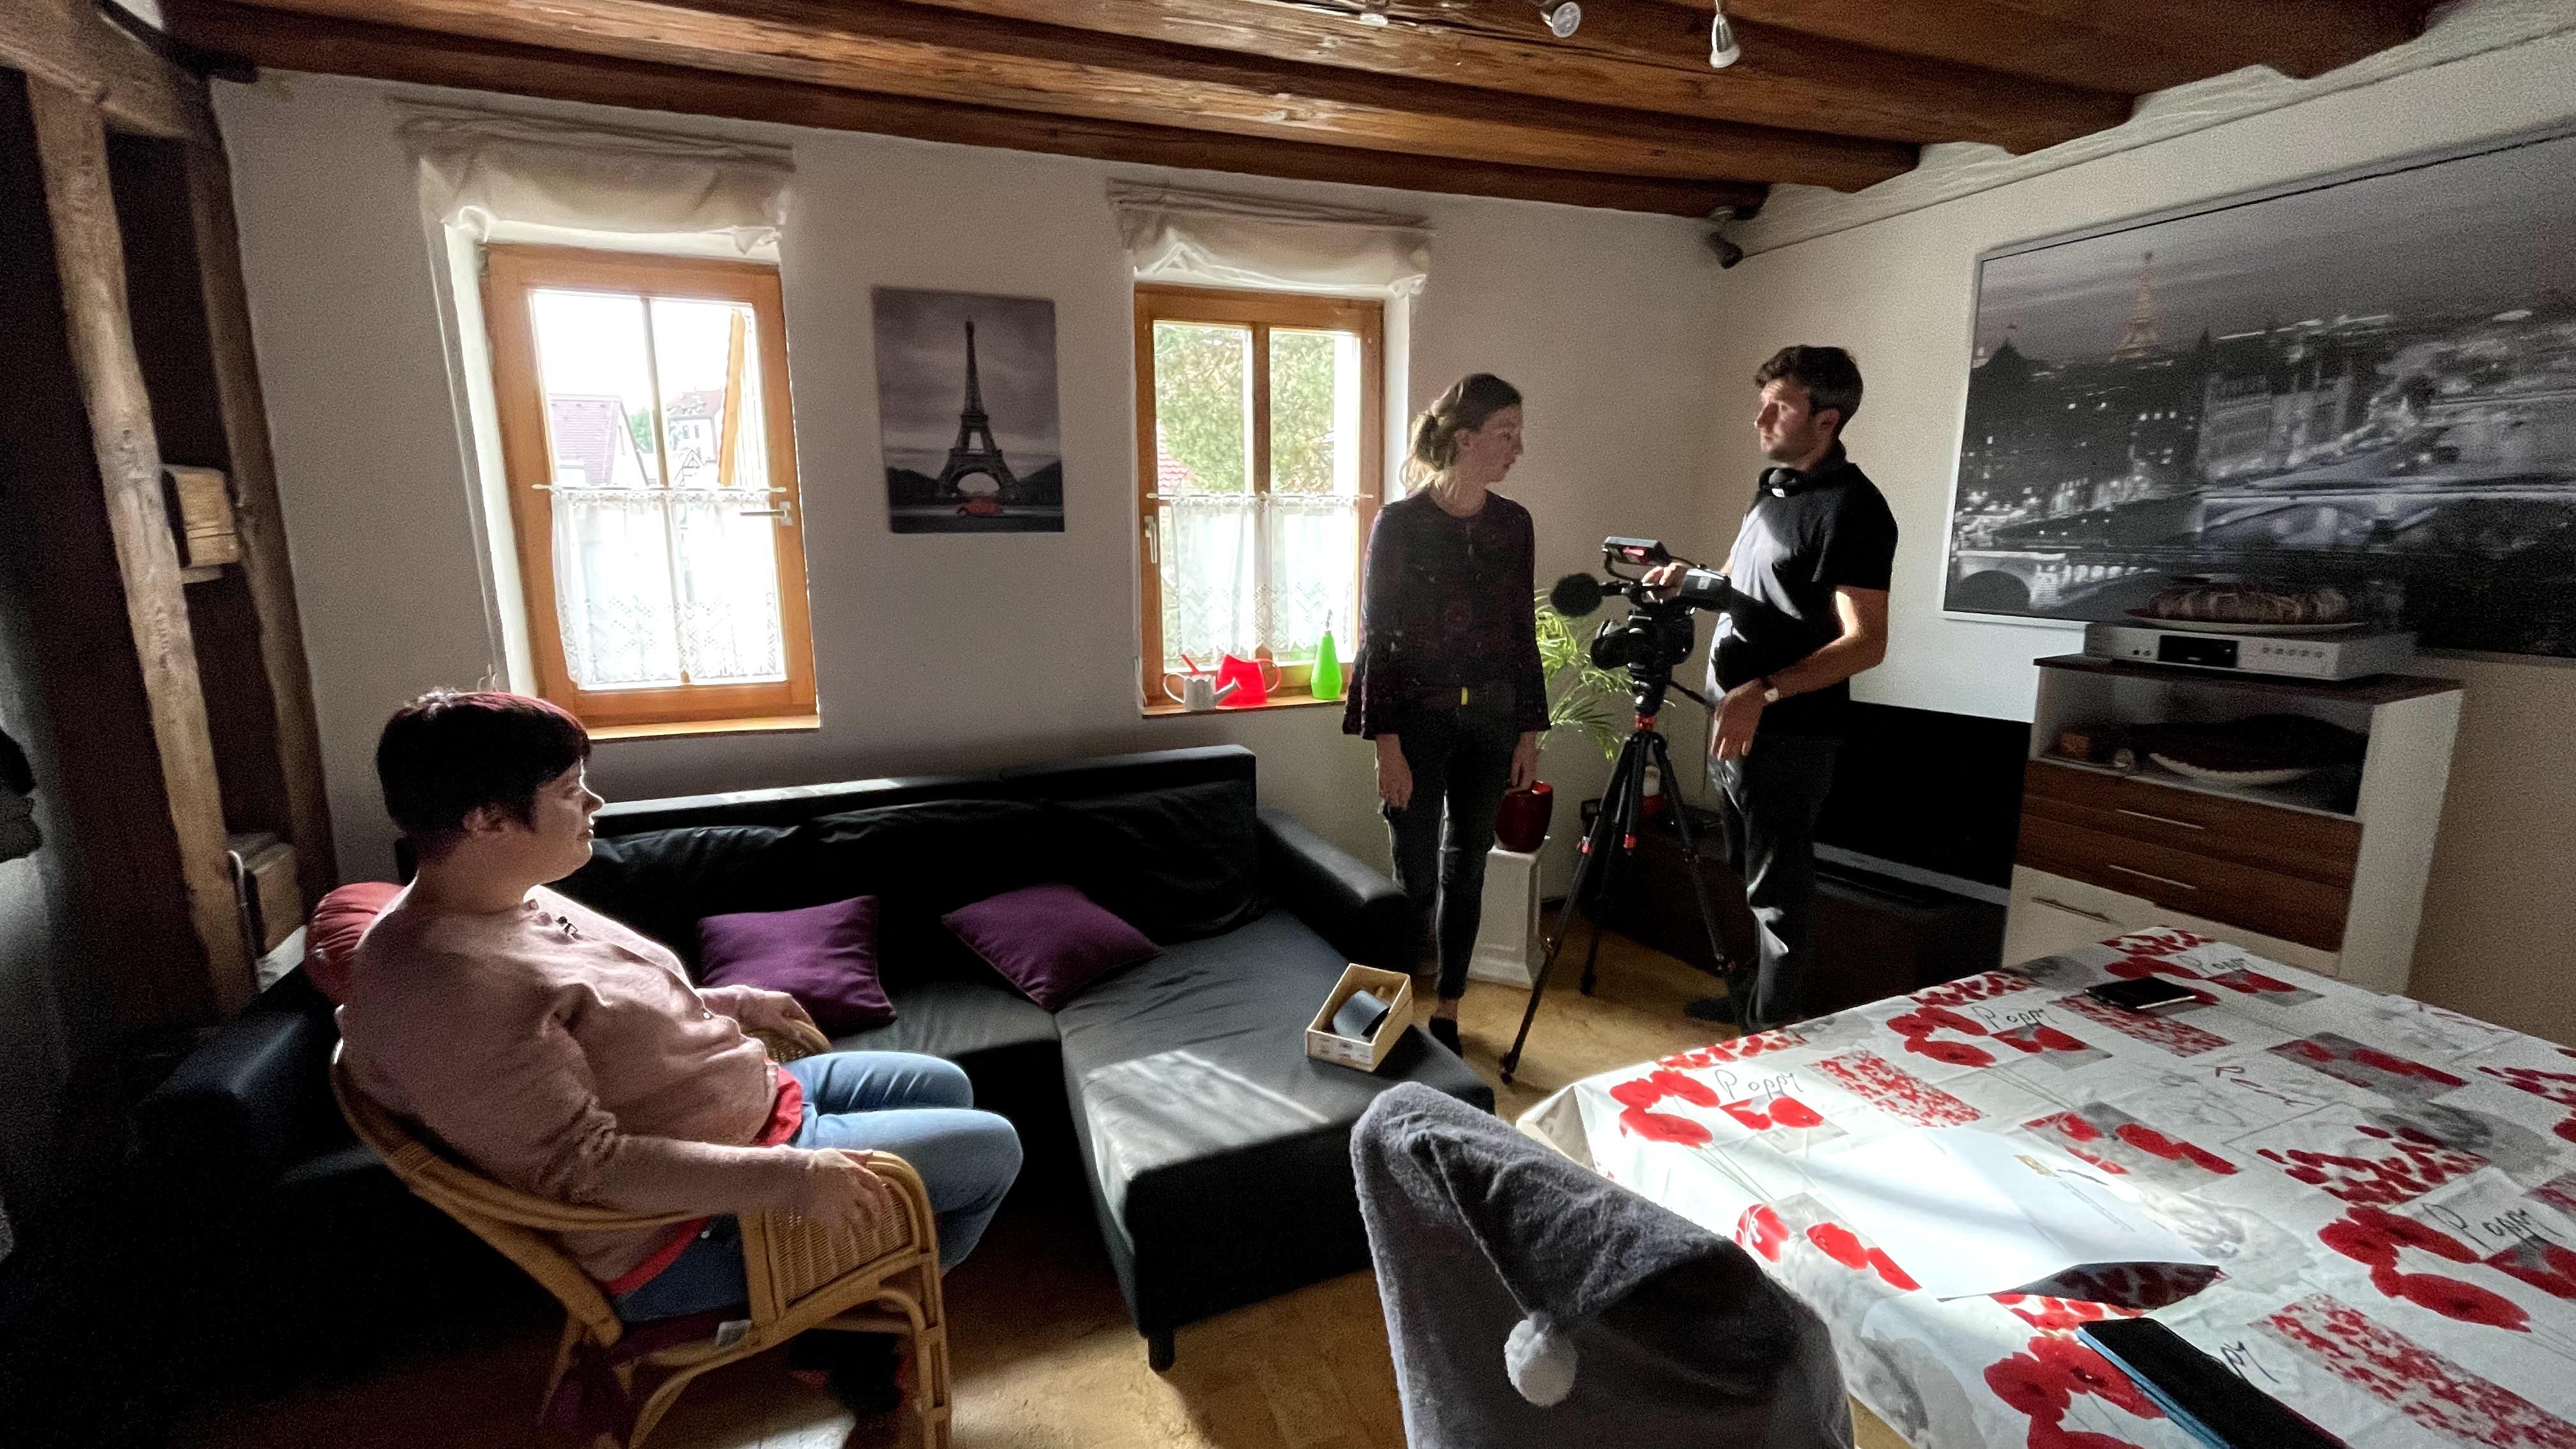 Auch Zuhause bei Hannah Kauschke wurde für die Reportage der DW gedreht. Wir danken an dieser Stelle Reporterin Luisa und Kameramann Grezgorz für deren gelungenen Beiträge vor Ort.